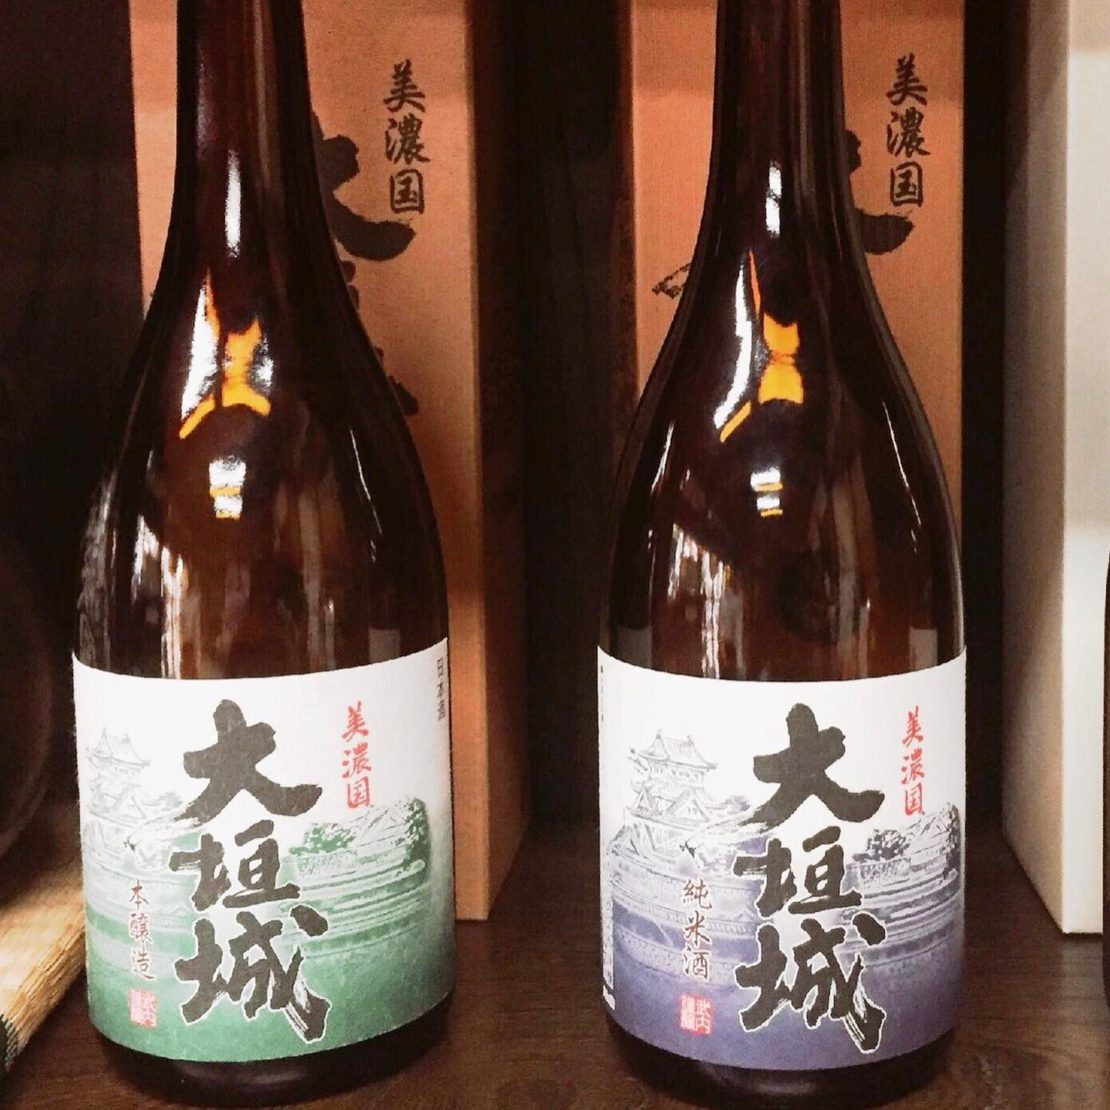 日本酒とスイーツが奇跡のコラボ!枡の街・大垣市で「メルカードdeセイノー」開催 - 3bee10aecdaa2d4e28467869363168d2 1110x1110